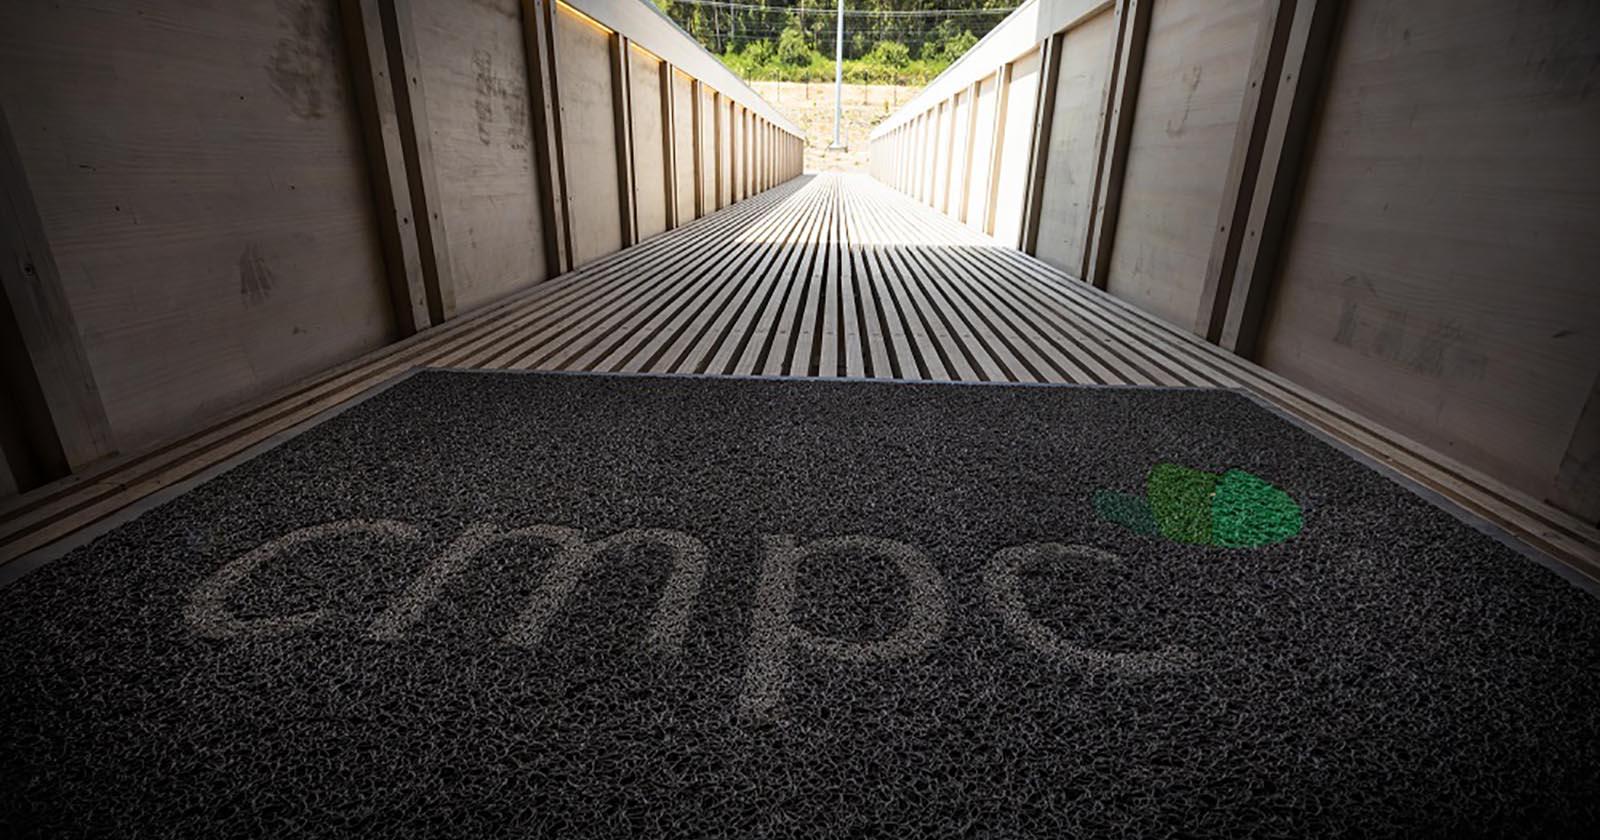 CMPC cierra línea de crédito ligada a sostenibilidad